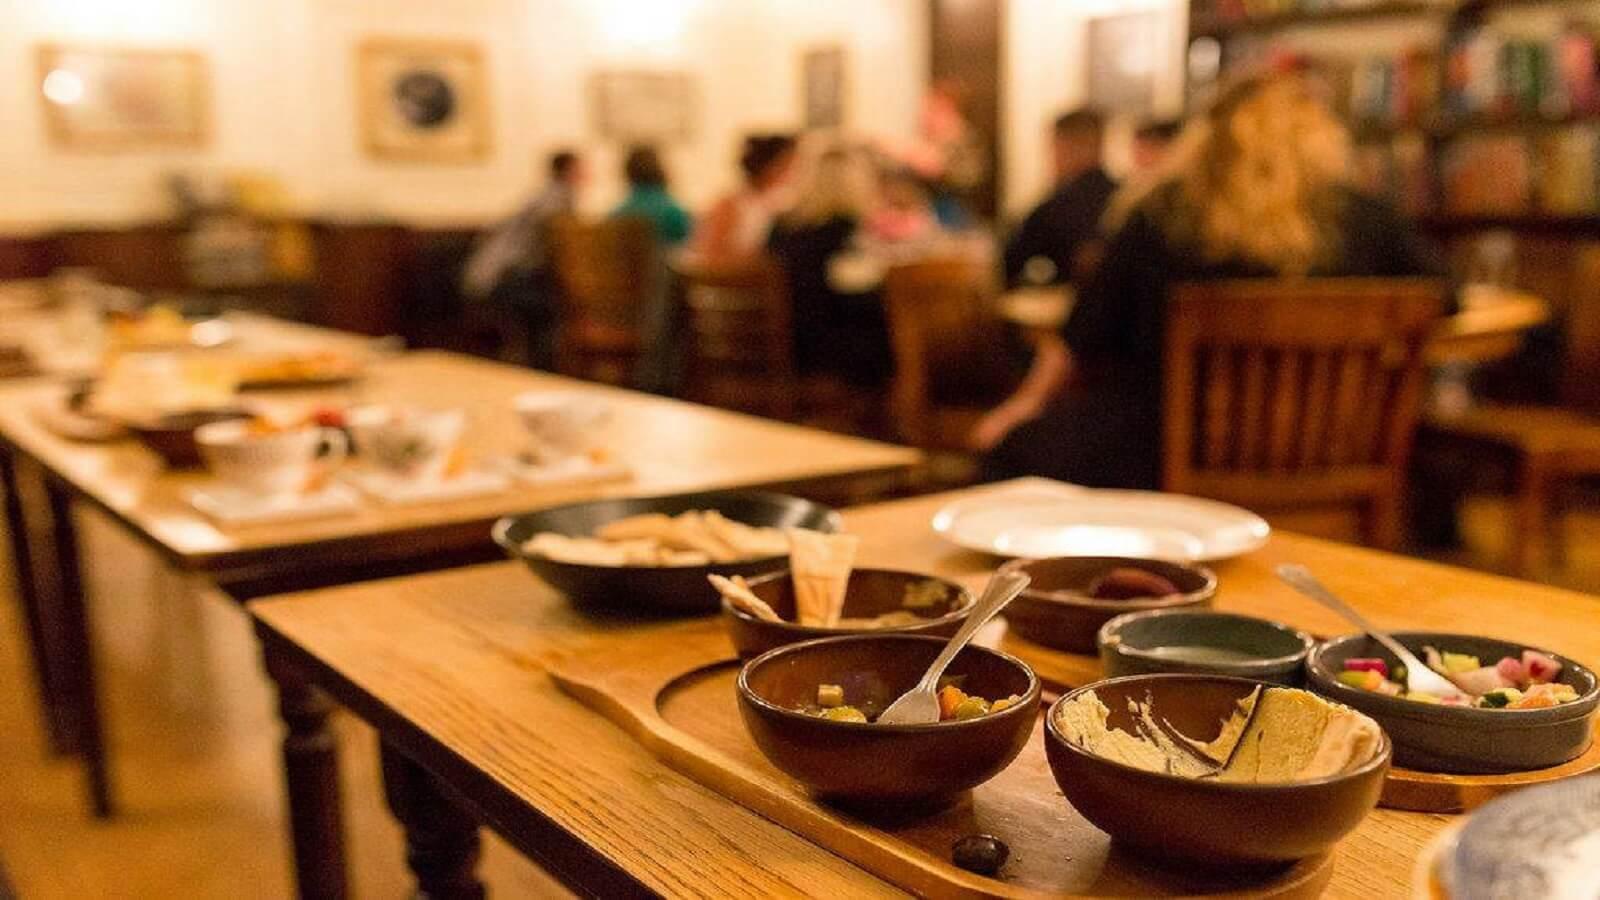 The Dorset Inn Restaurant